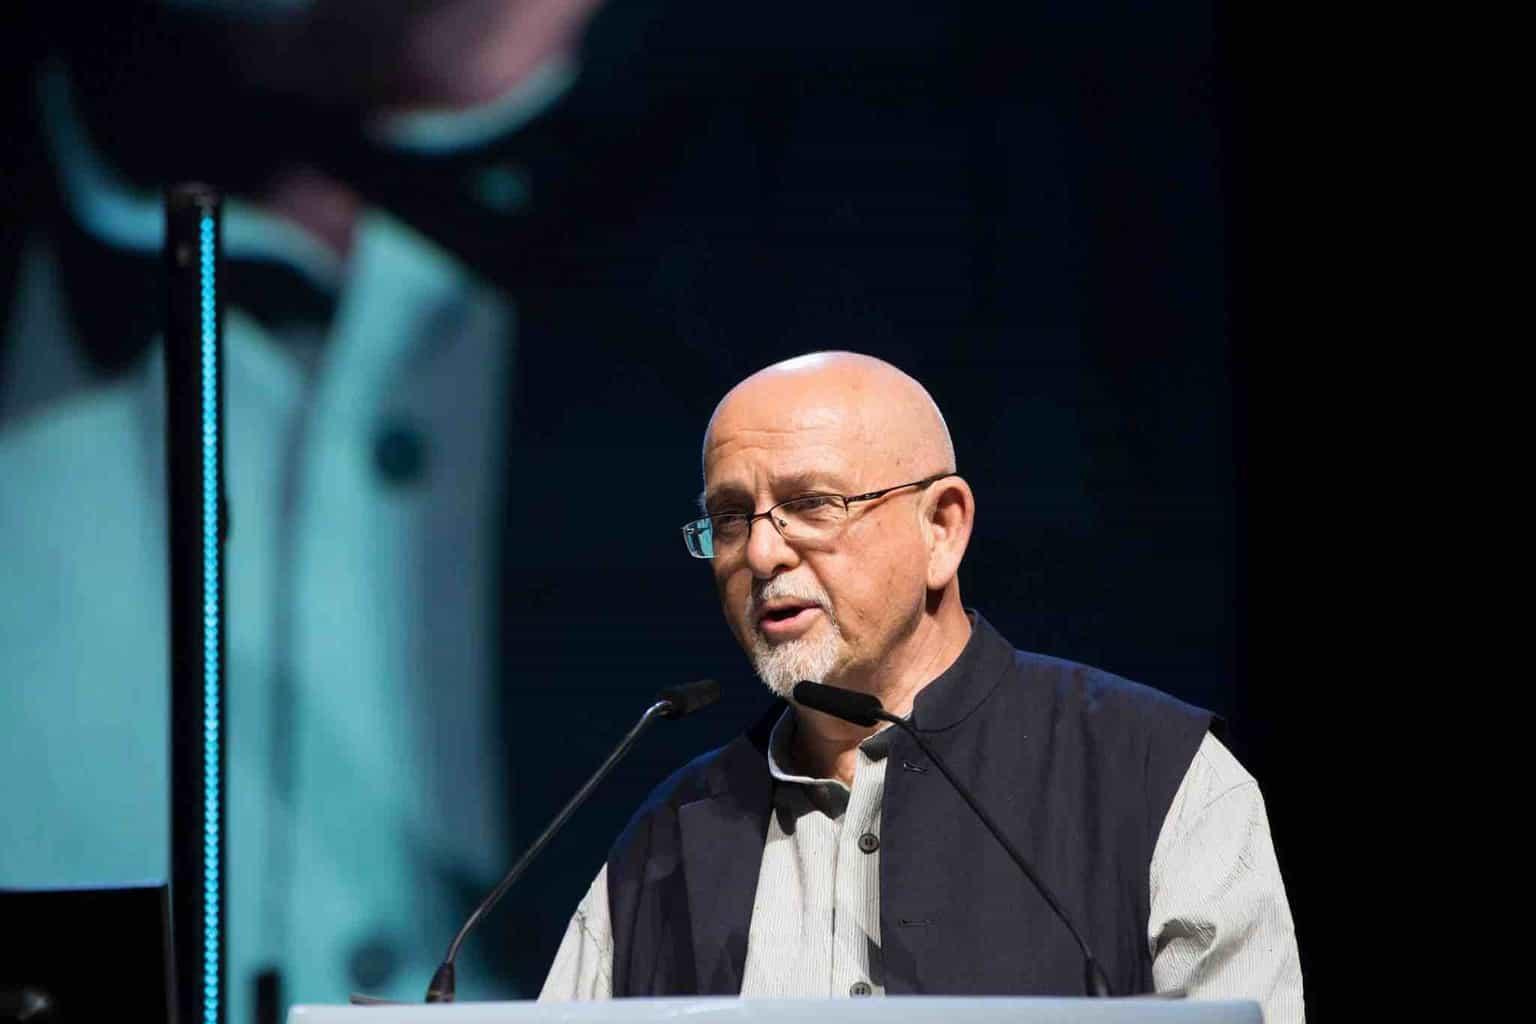 Peter Gabriel at Starmus Zurich